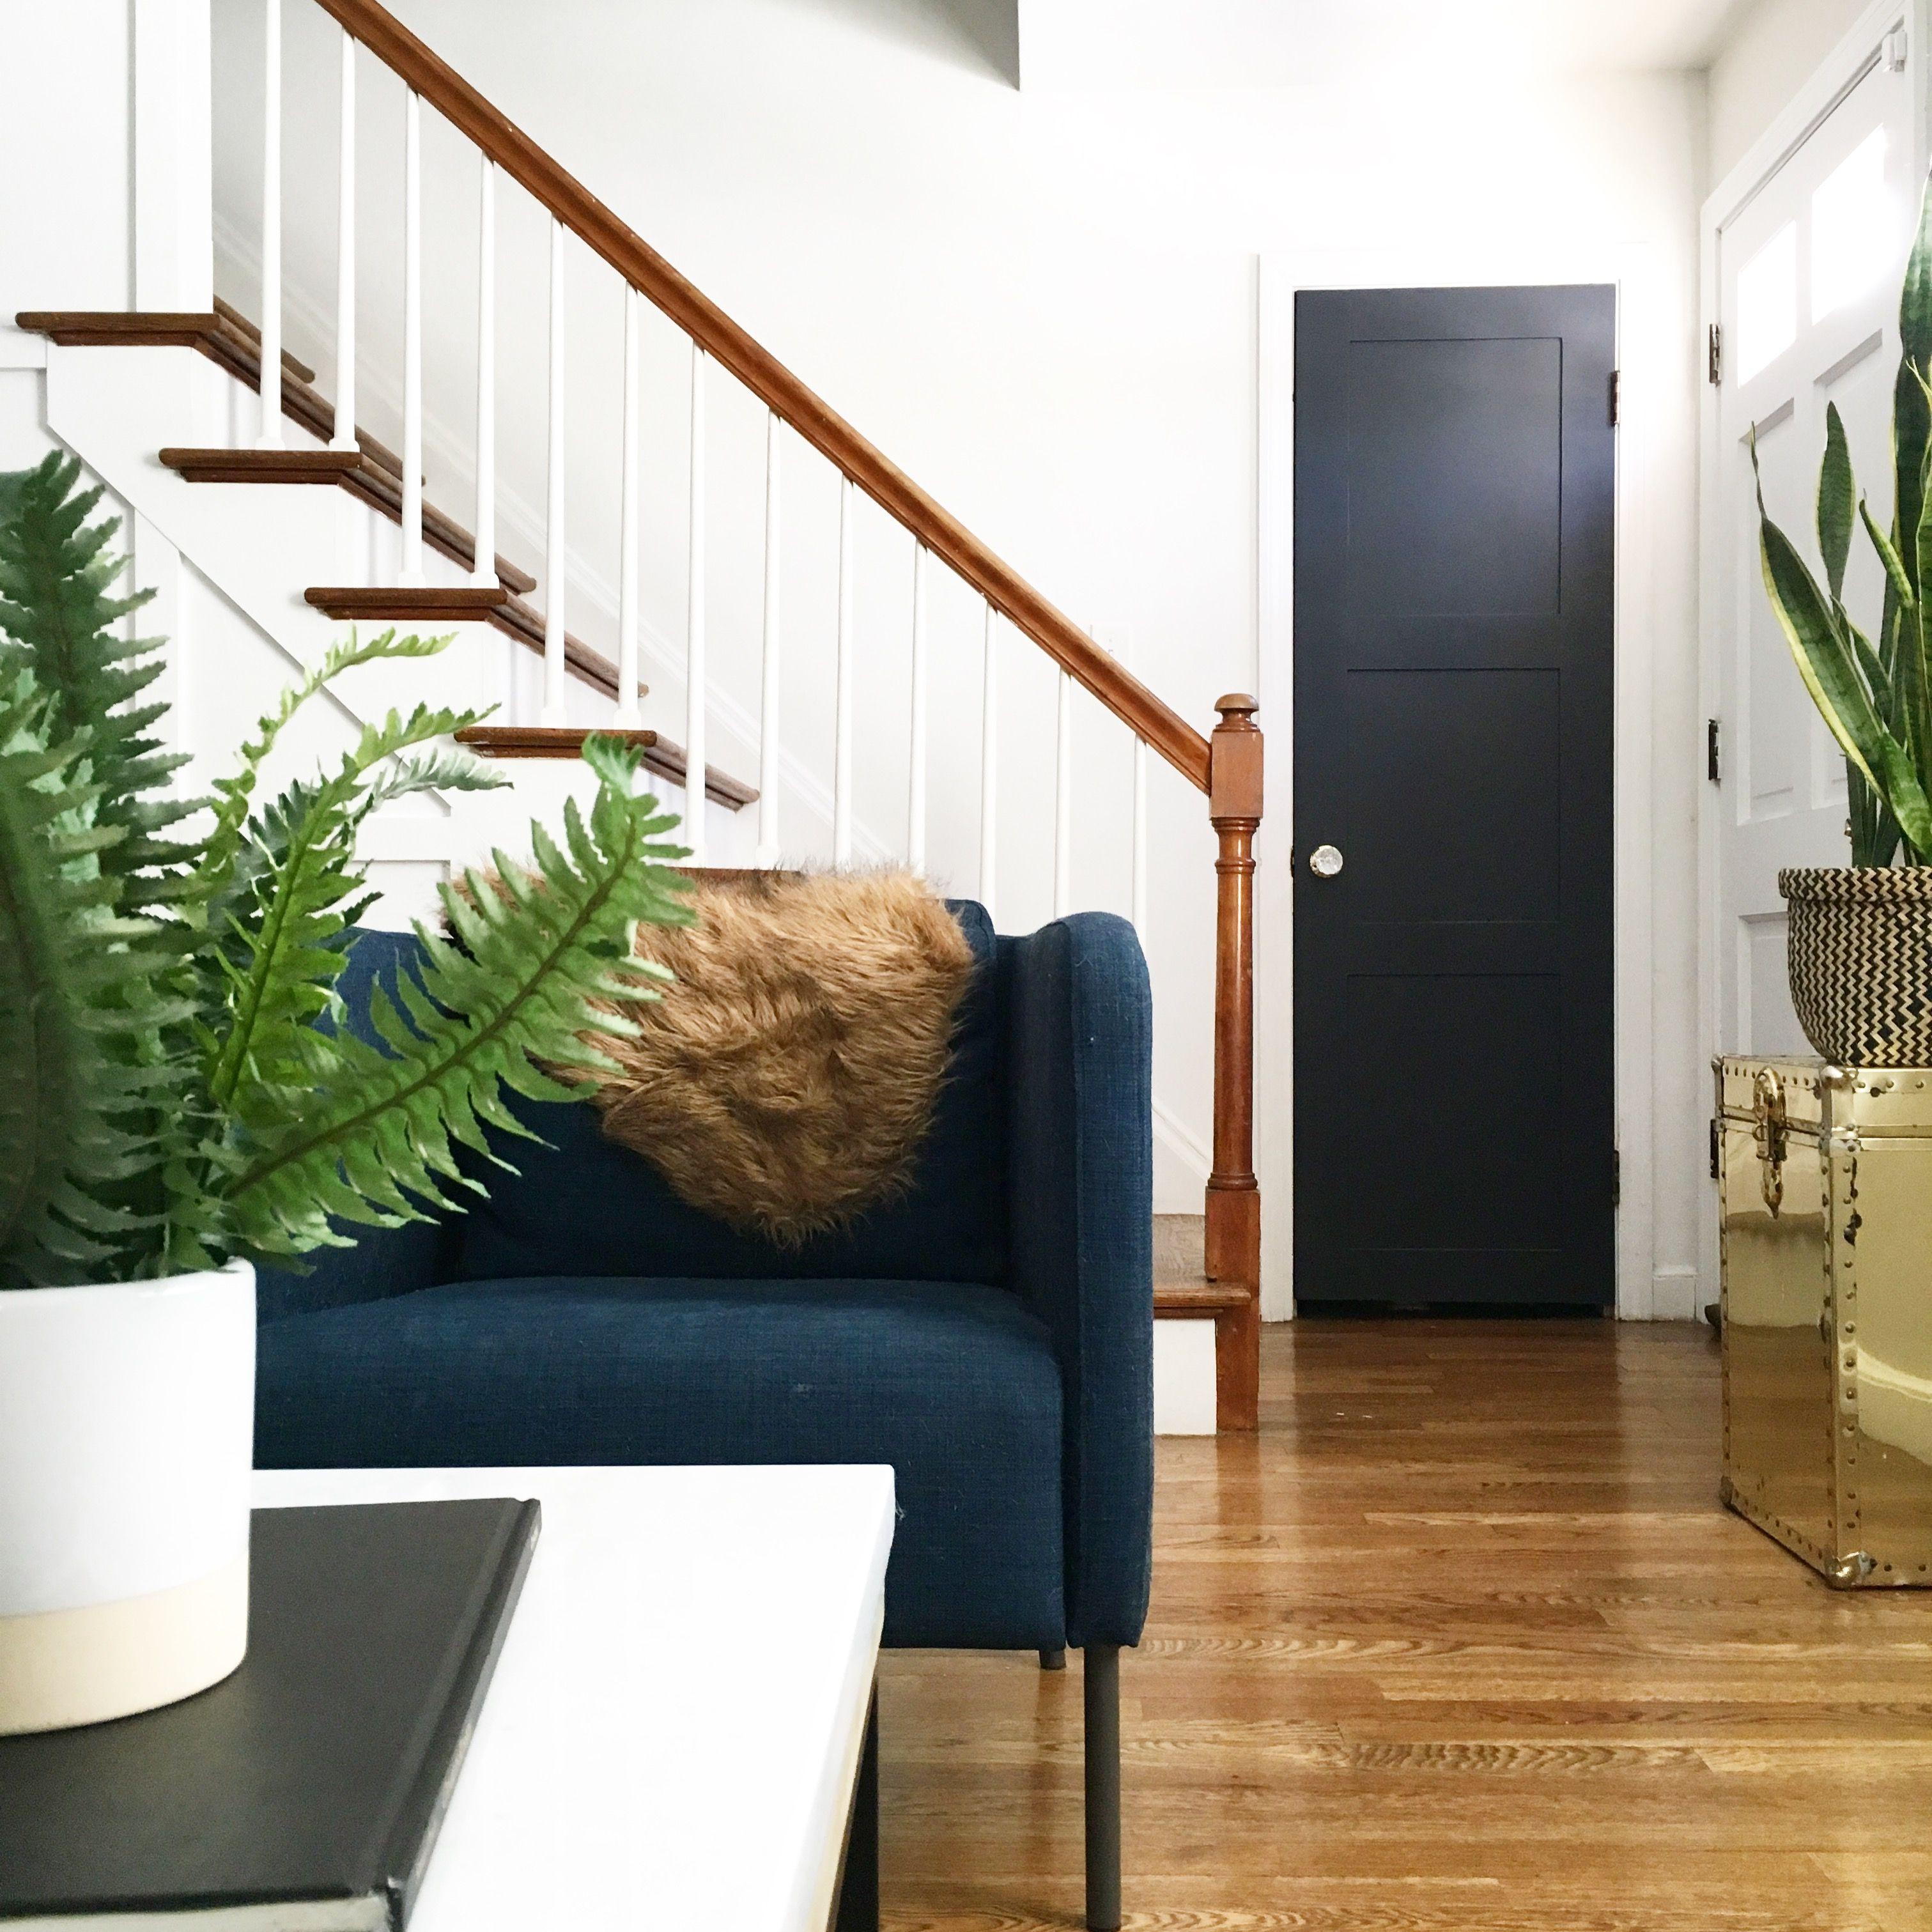 Eclectic Interior Design Bedroom Bedroom Ideas For Christmas Bedroom Ideas Artsy Bedroom Door Paint Color Ideas: Minimalist Styled Living Room. DIY Panel Doors, IKEA Ekero